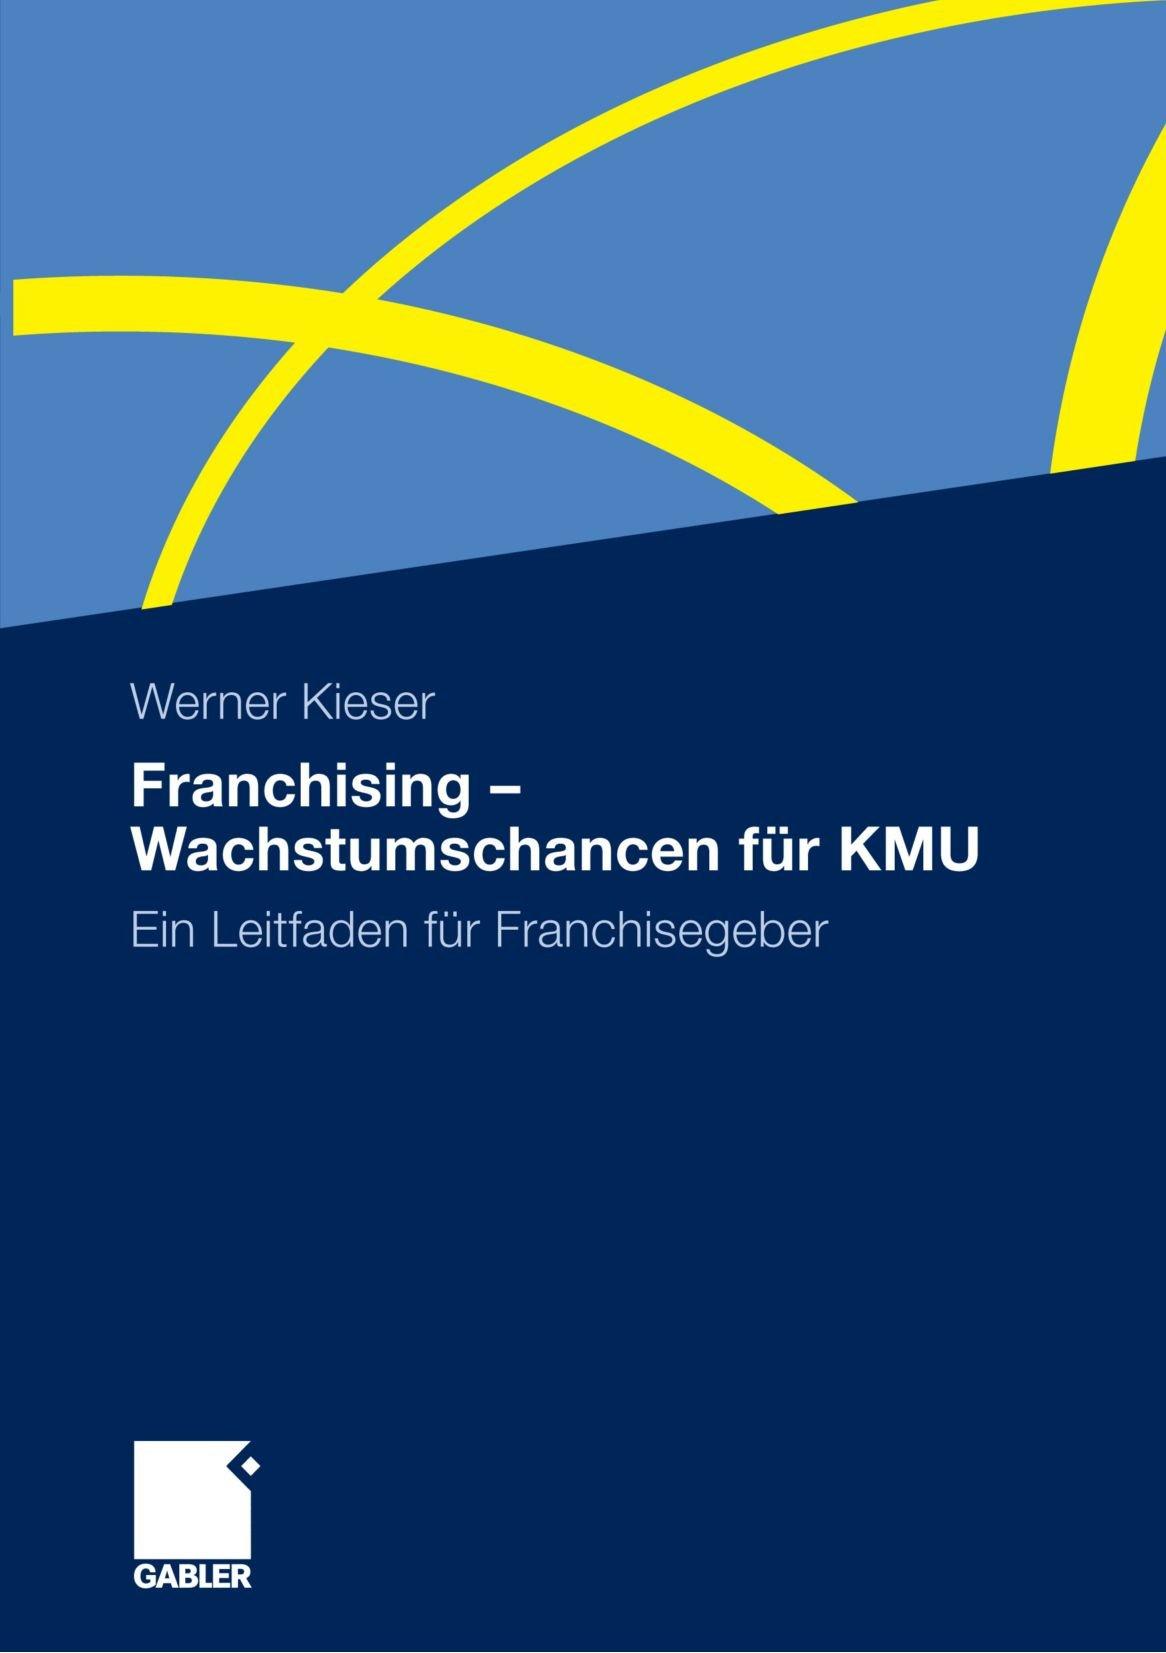 Franchising - Wachstumschancen für KMU: Ein Leitfaden für Franchisegeber (German Edition)